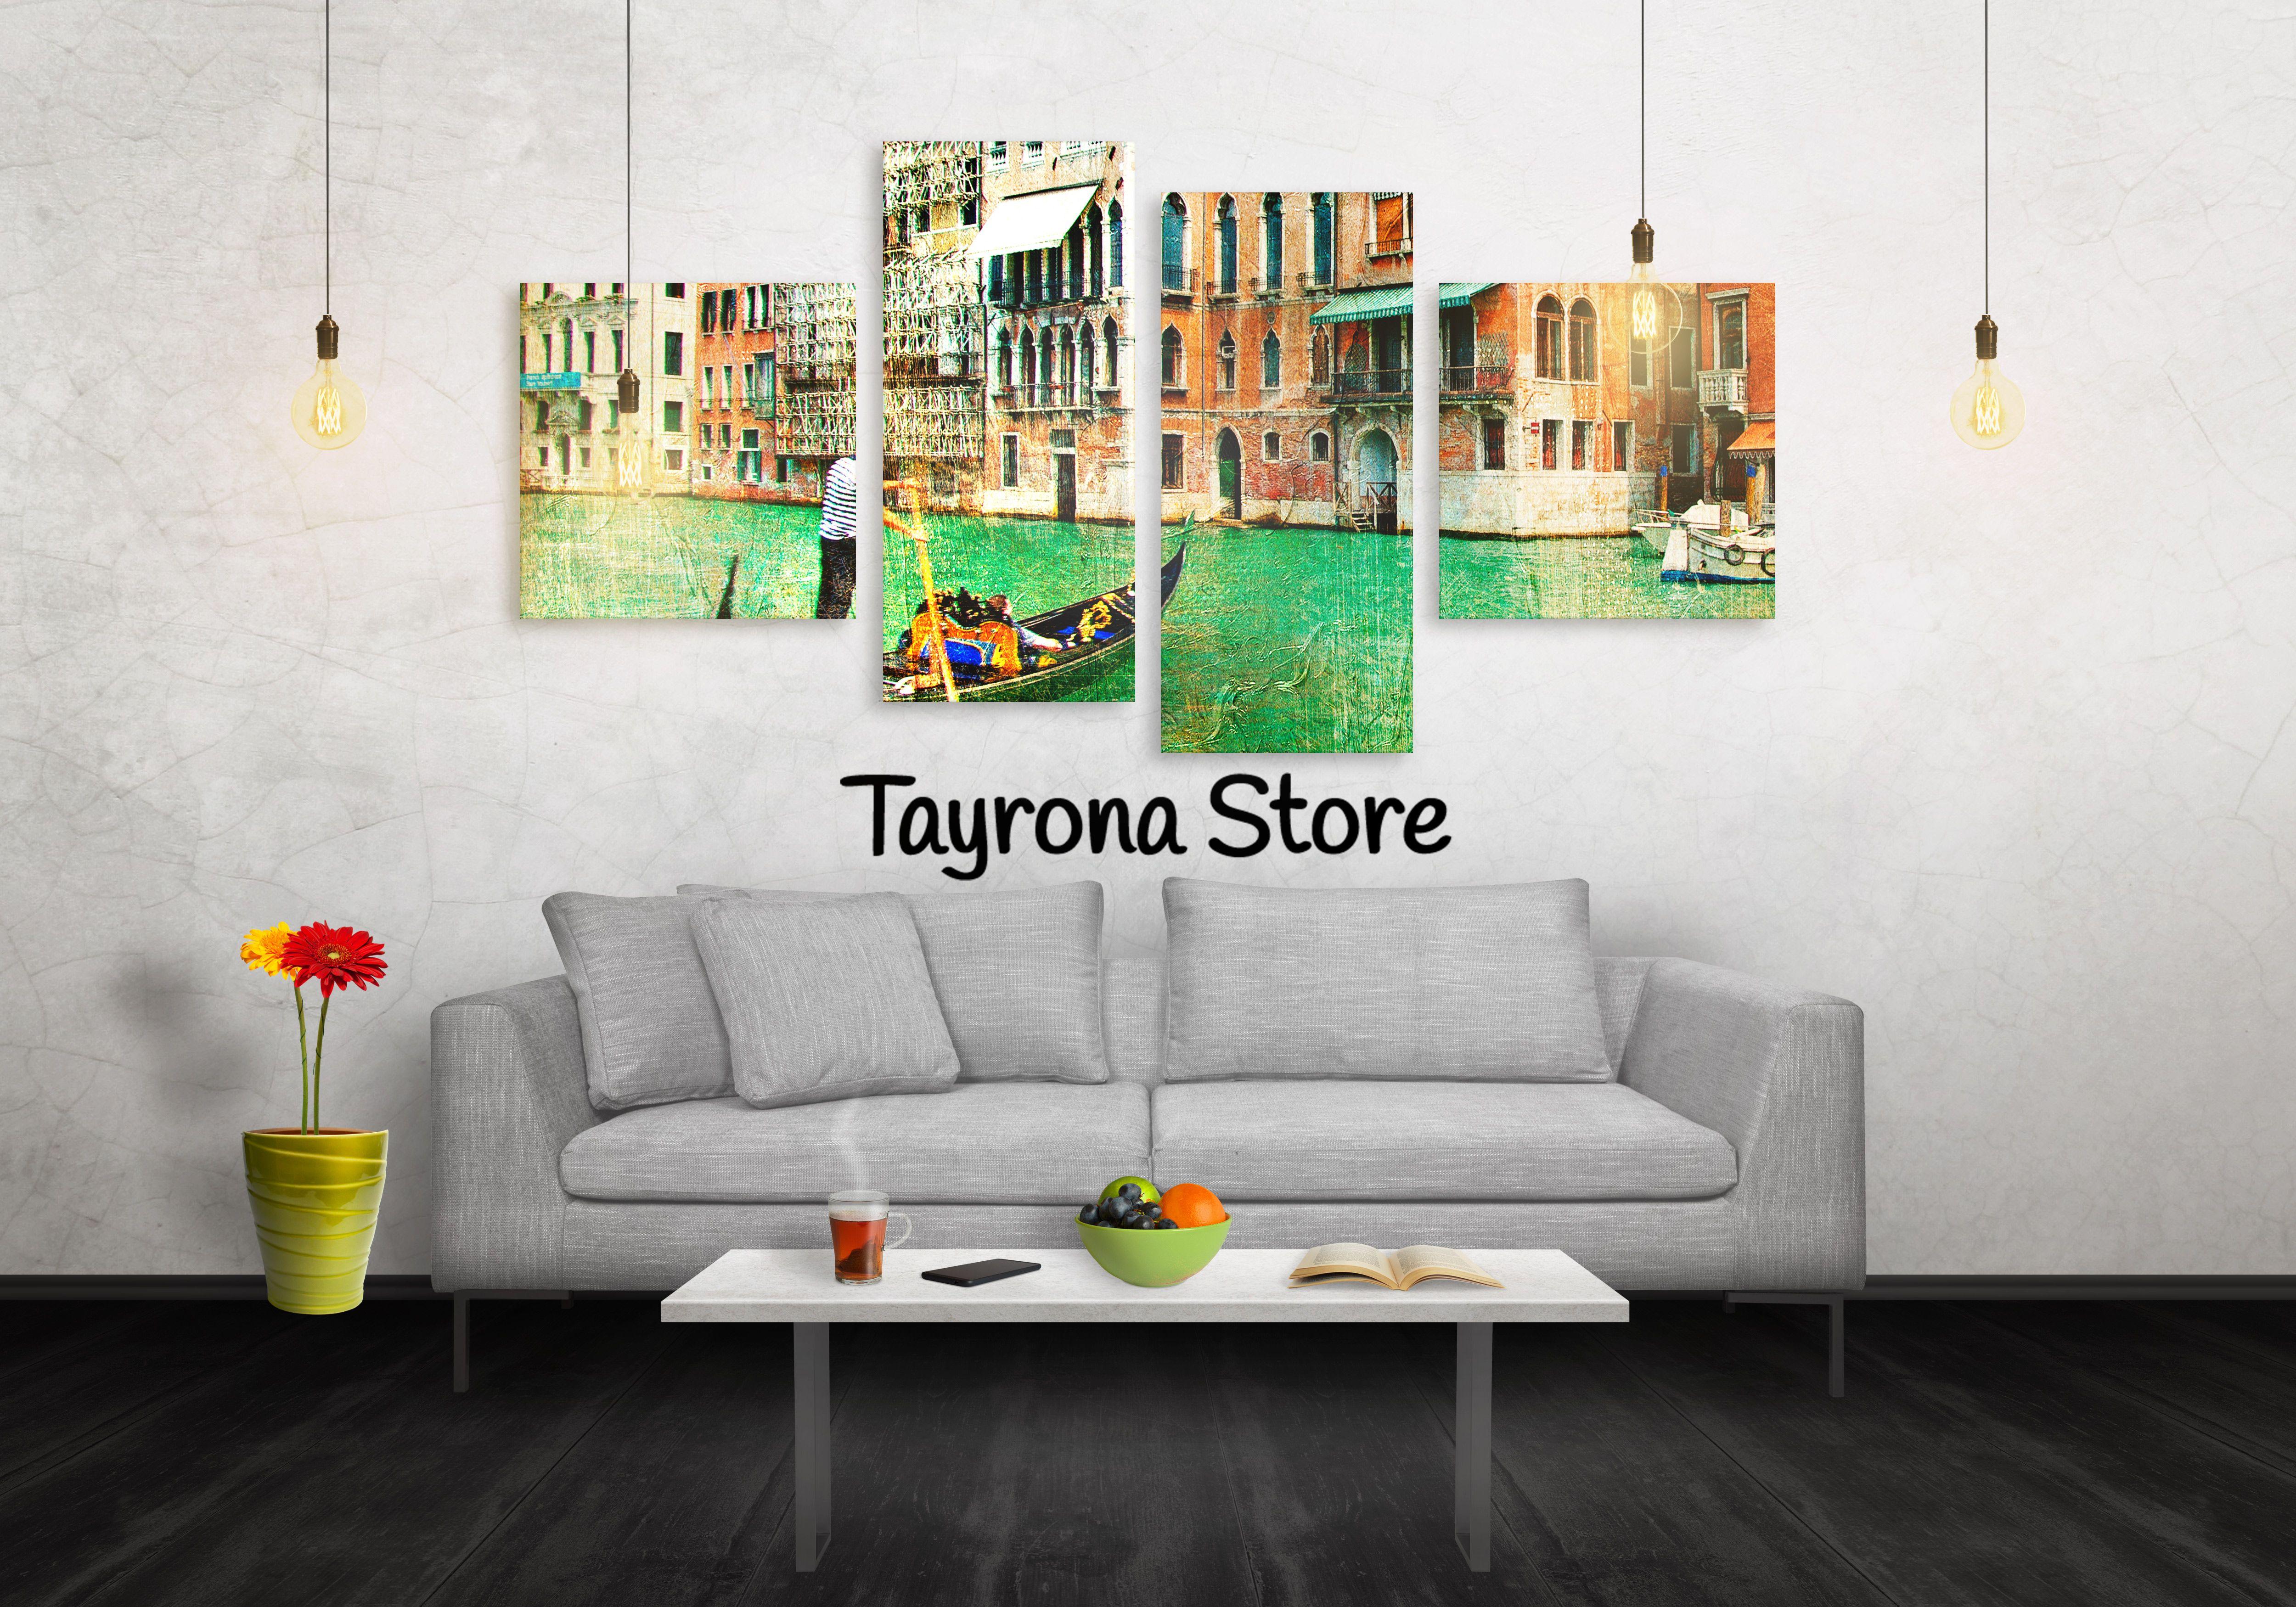 Cuadros Decorativos venecia-33 #tayronastore,#cuadros #decorativos ...